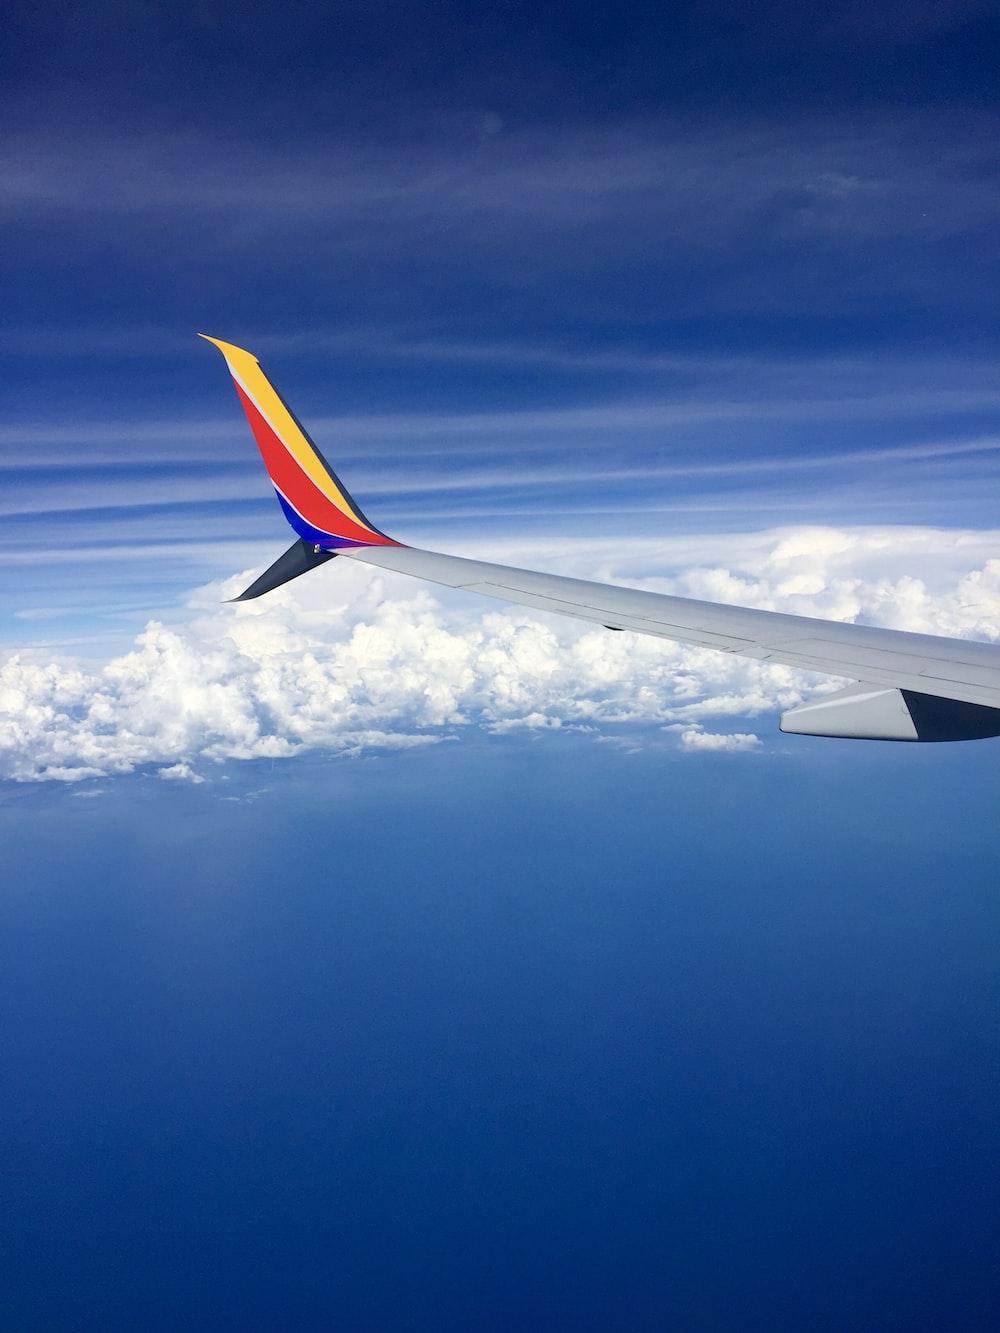 white airliner plane